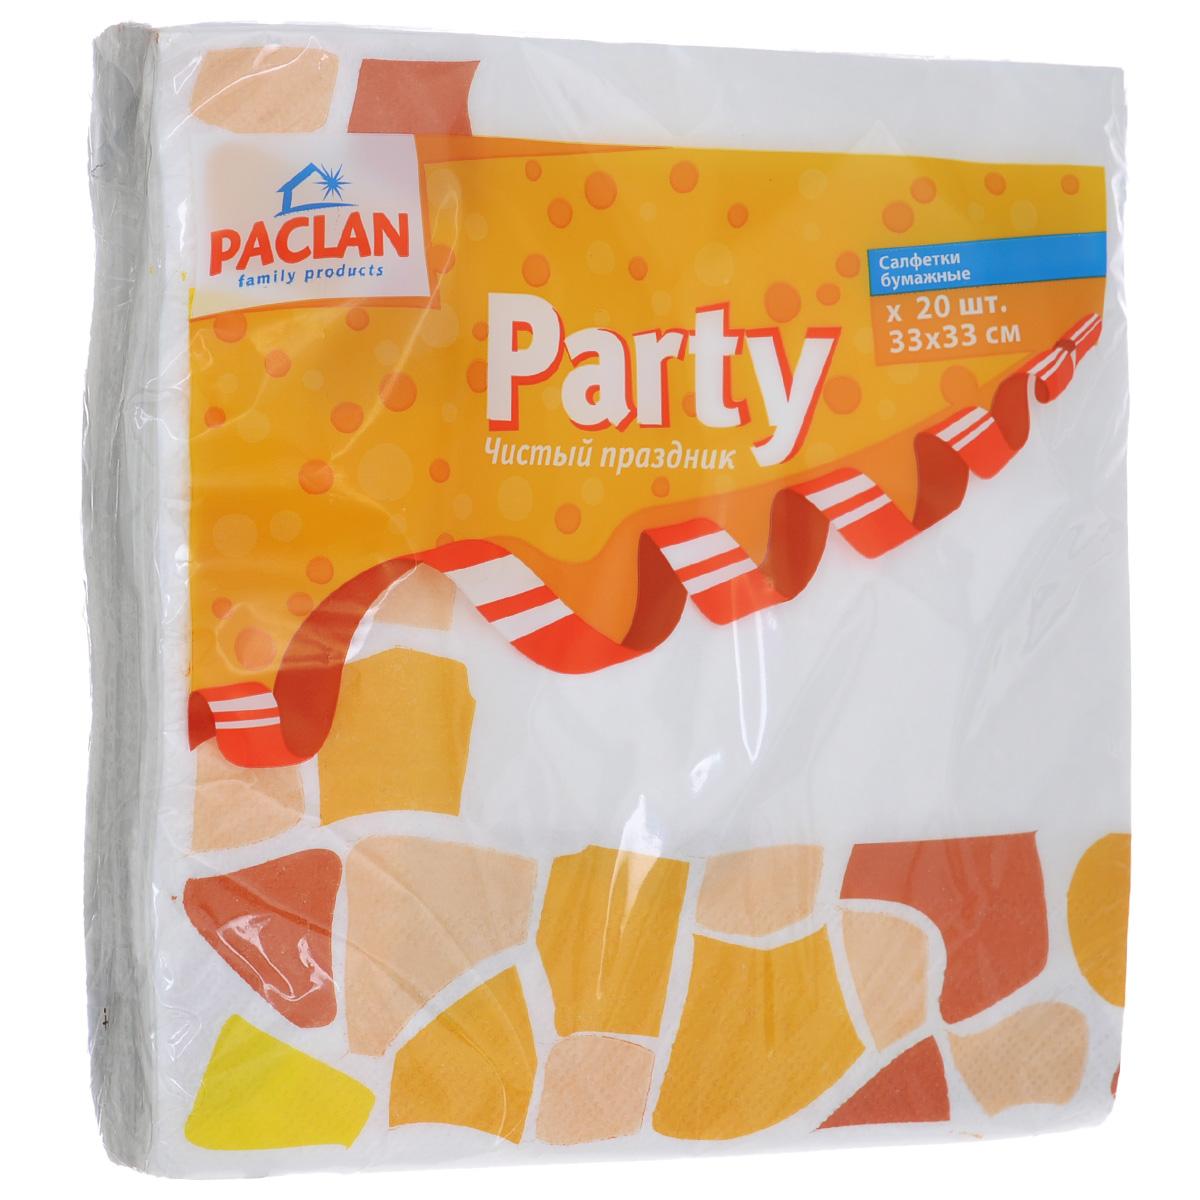 Салфетки бумажные Paclan Party, цвет: белый, желтый, трехслойные, 33 см х 33 см, 20 штTF-14AU-12Трехслойные бумажные салфетки Paclan Party, выполненные из натуральной целлюлозы, станут отличным дополнением праздничного стола. Изделия декорированы красивым рисунком. Они отличаются необычной мягкостью и прочностью. Салфетки красиво оформят сервировку стола. Размер салфеток: 33 см х 33 см. Количество слоев: 3 слоя. Количество салфеток: 20 шт.